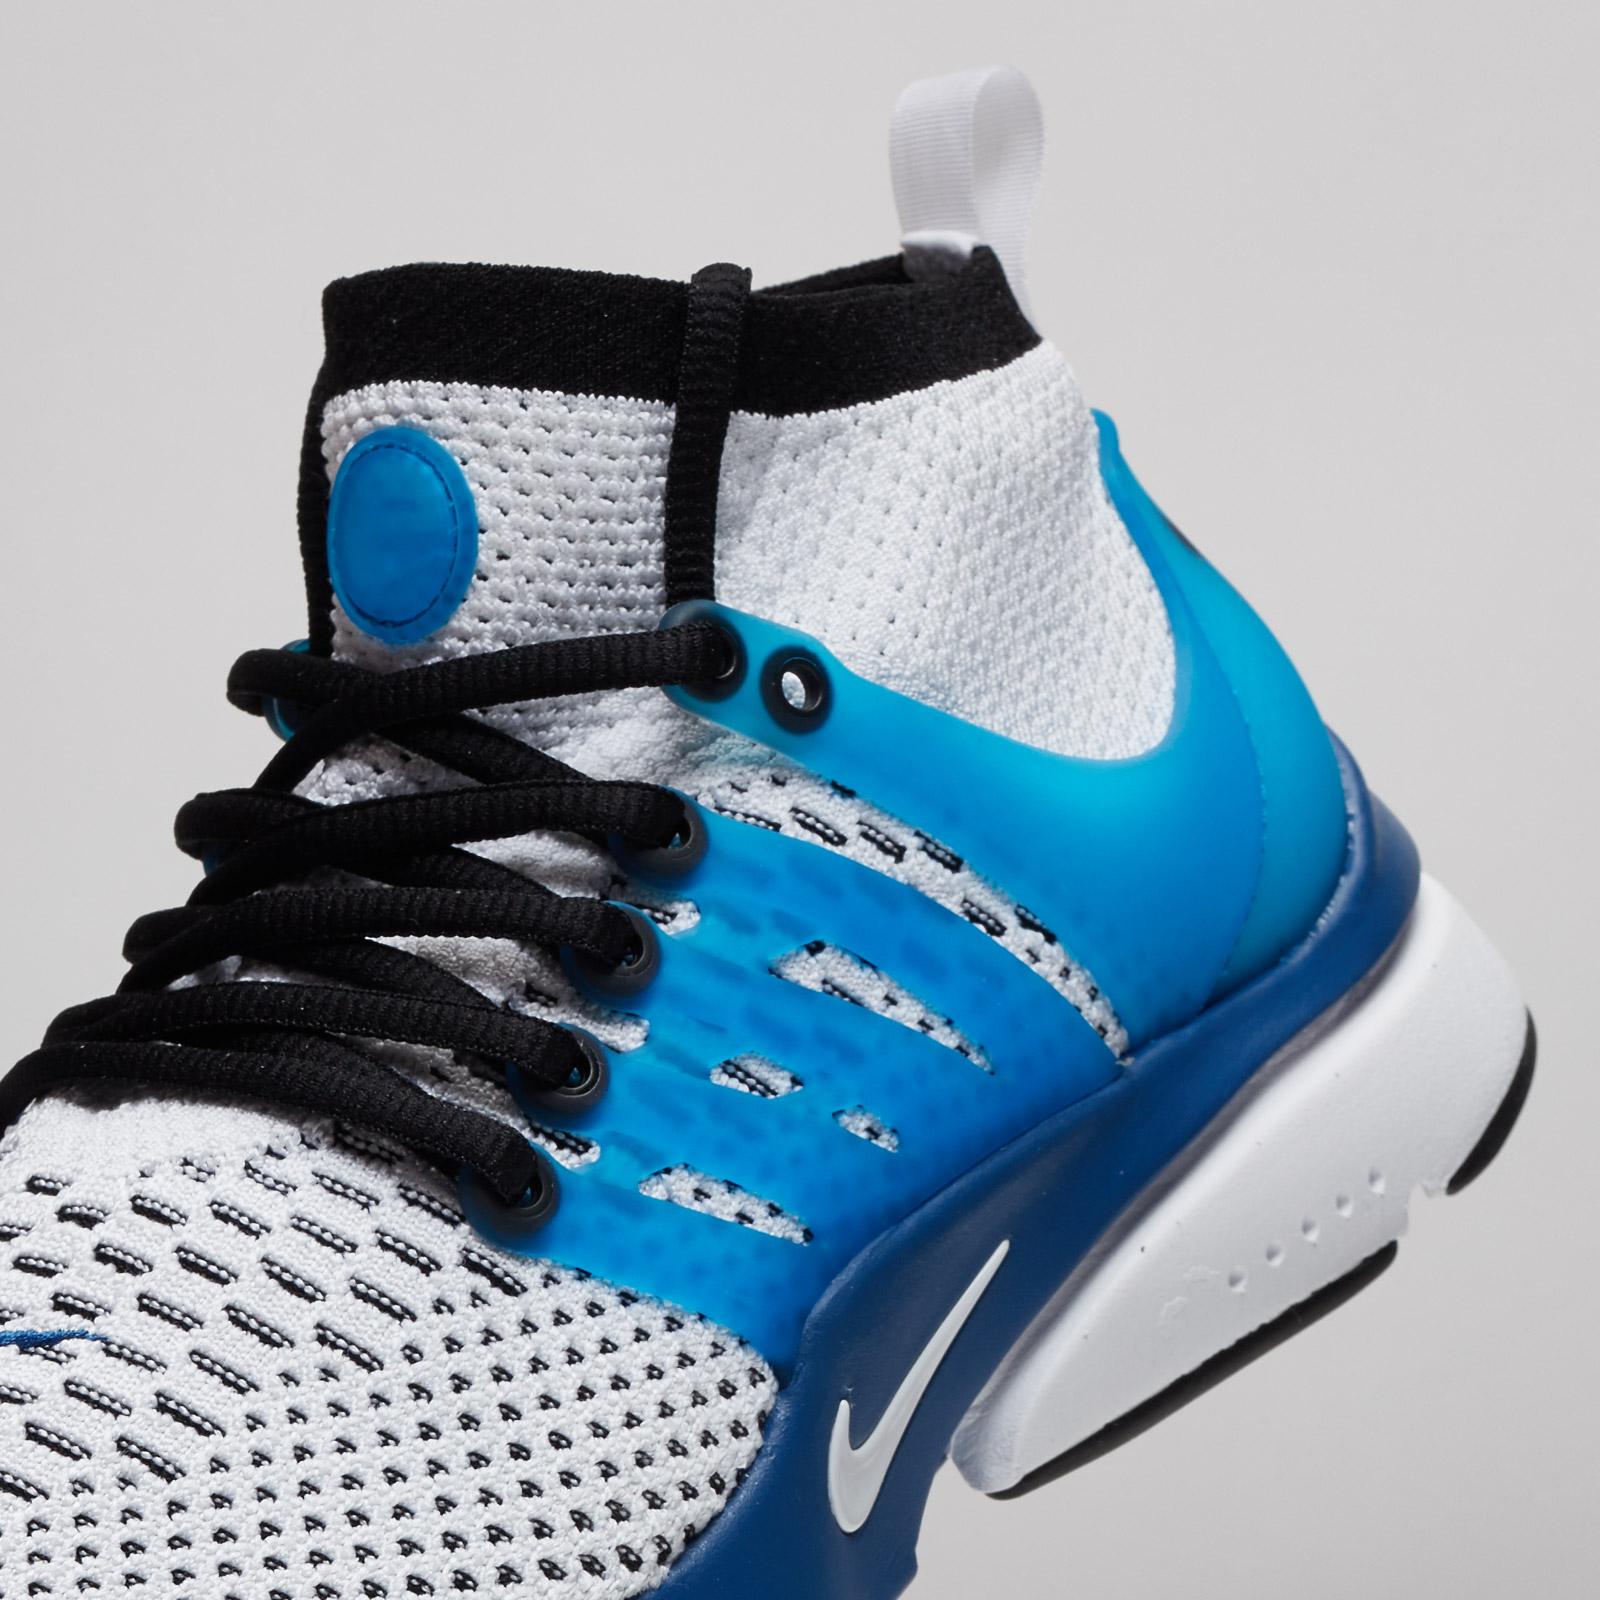 sale retailer 369b3 88795 Nike Air Presto Ultra Flyknit - 835570-401 - Sneakersnstuff   sneakers    streetwear online since 1999